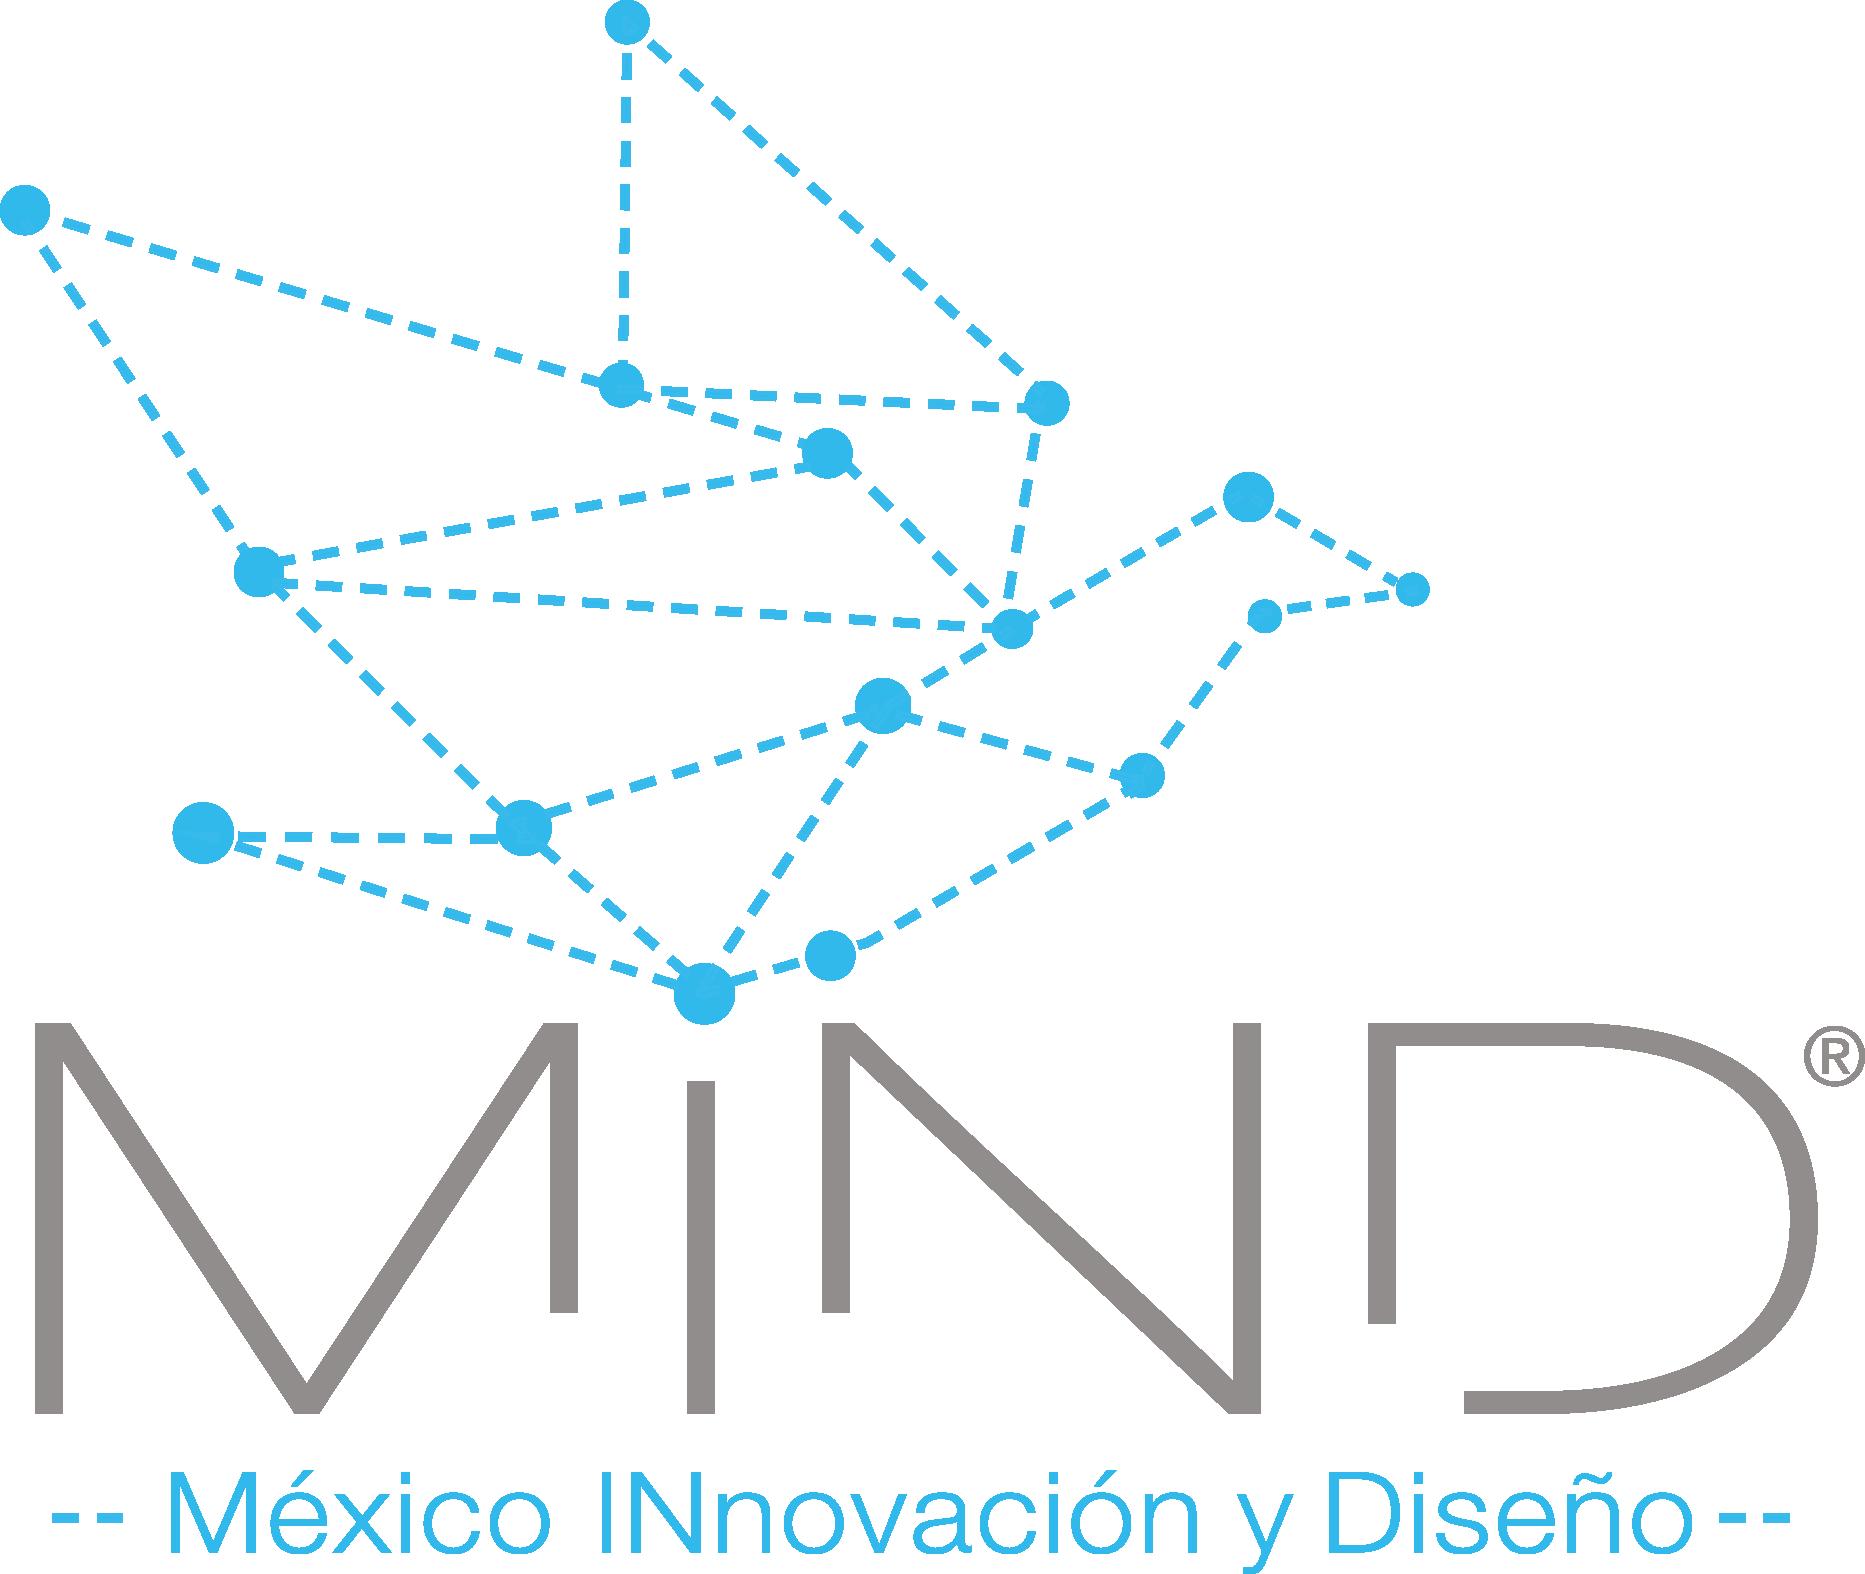 www.mindmexico.com/